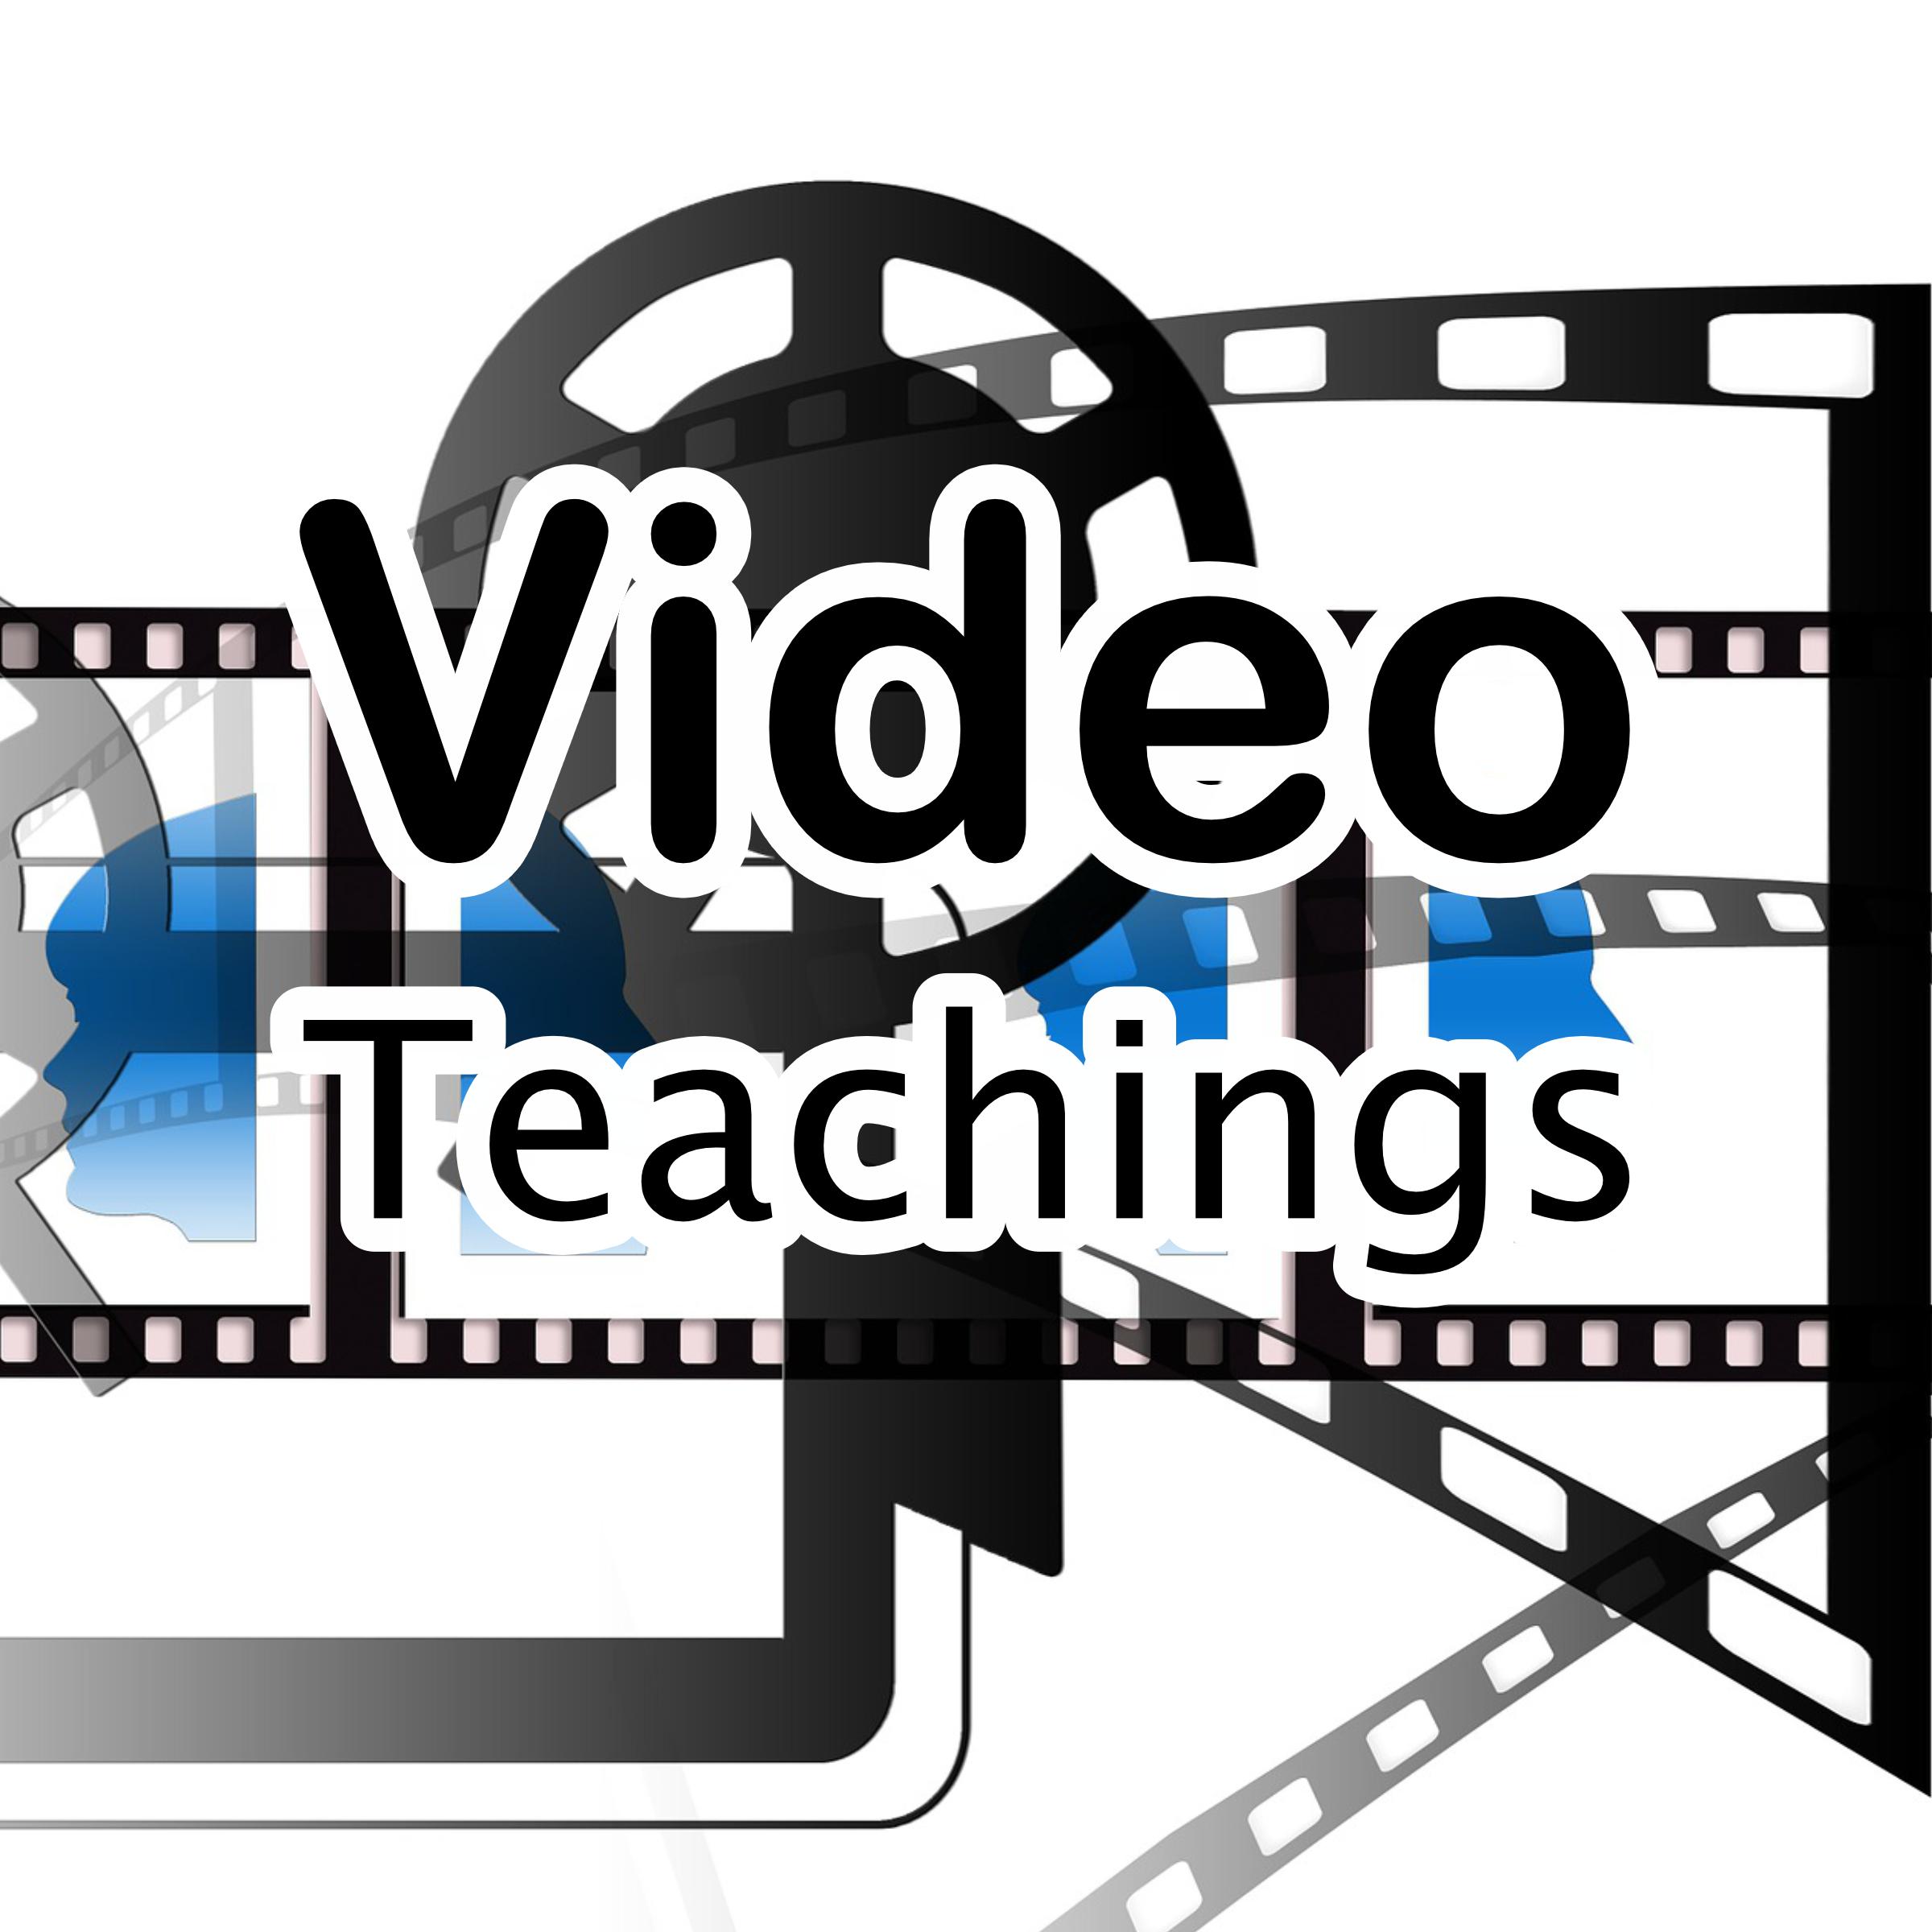 VIDEO TEACHINGS.jpg